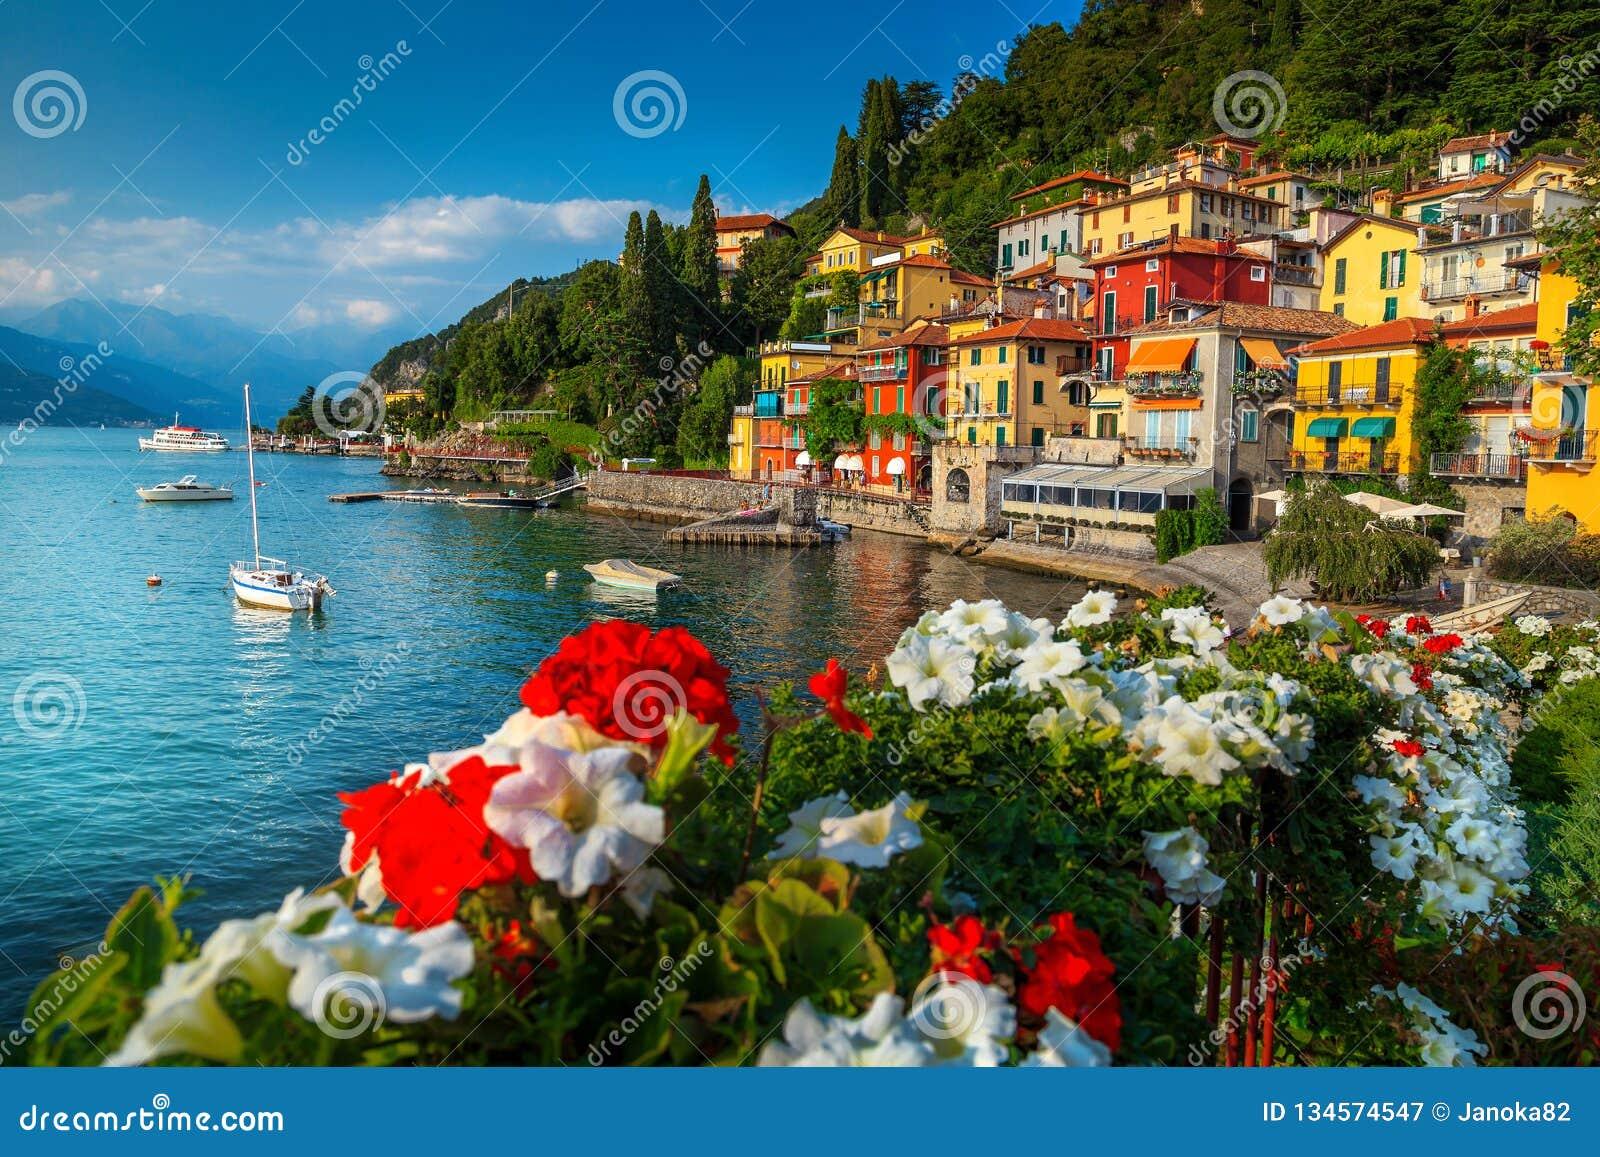 Paisaje urbano magnífico y puerto con los barcos, Varenna, lago Como, Italia